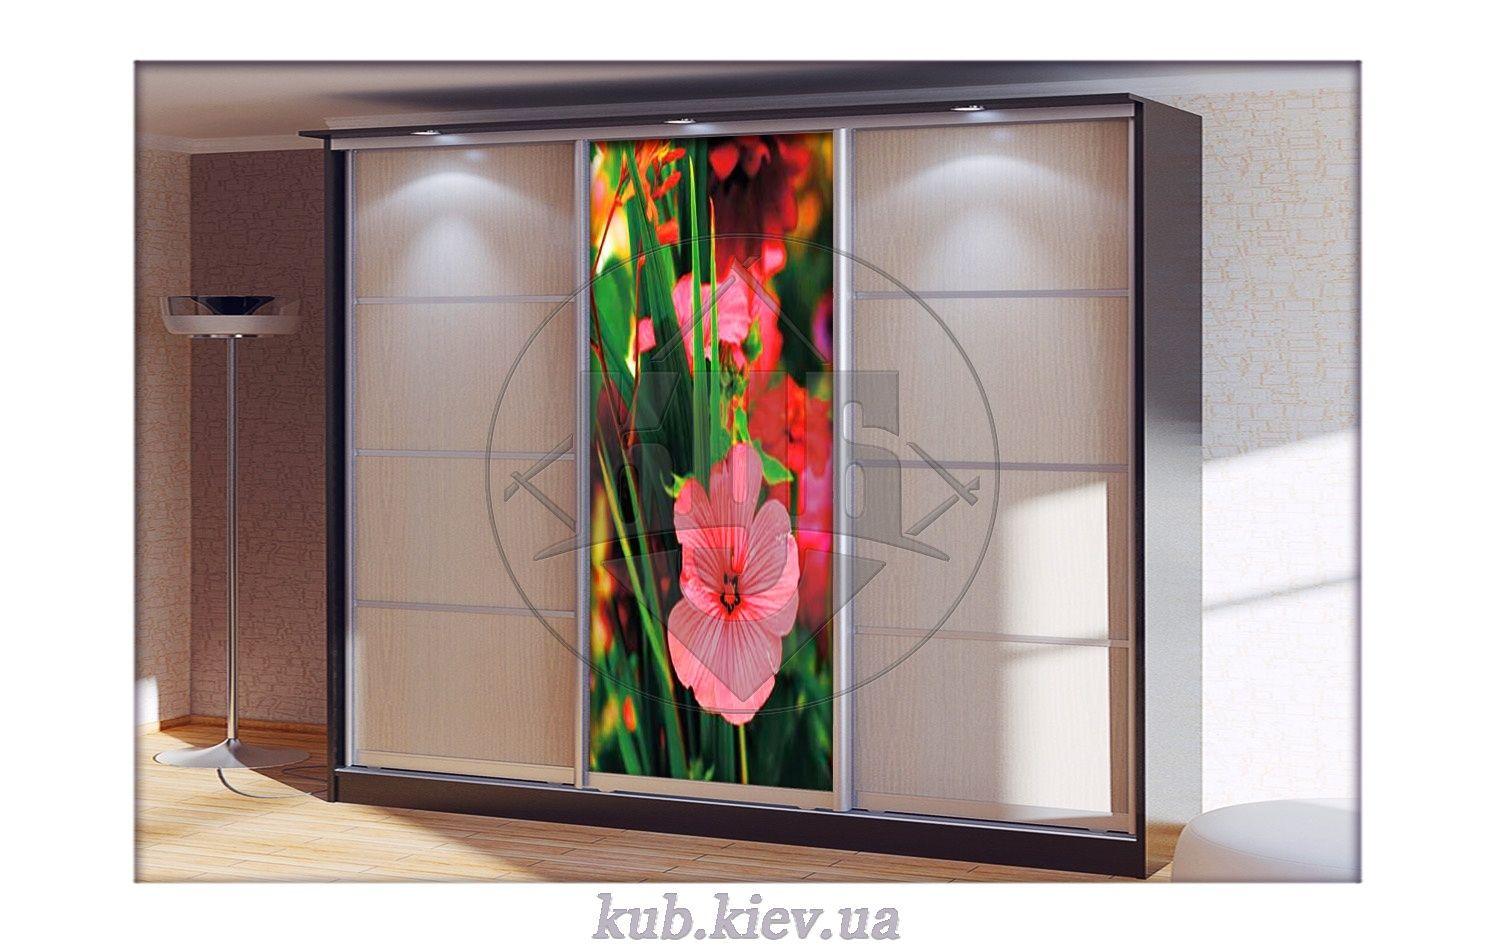 фотопечать для шкафа купе пестрые цветы в саду мебель сич